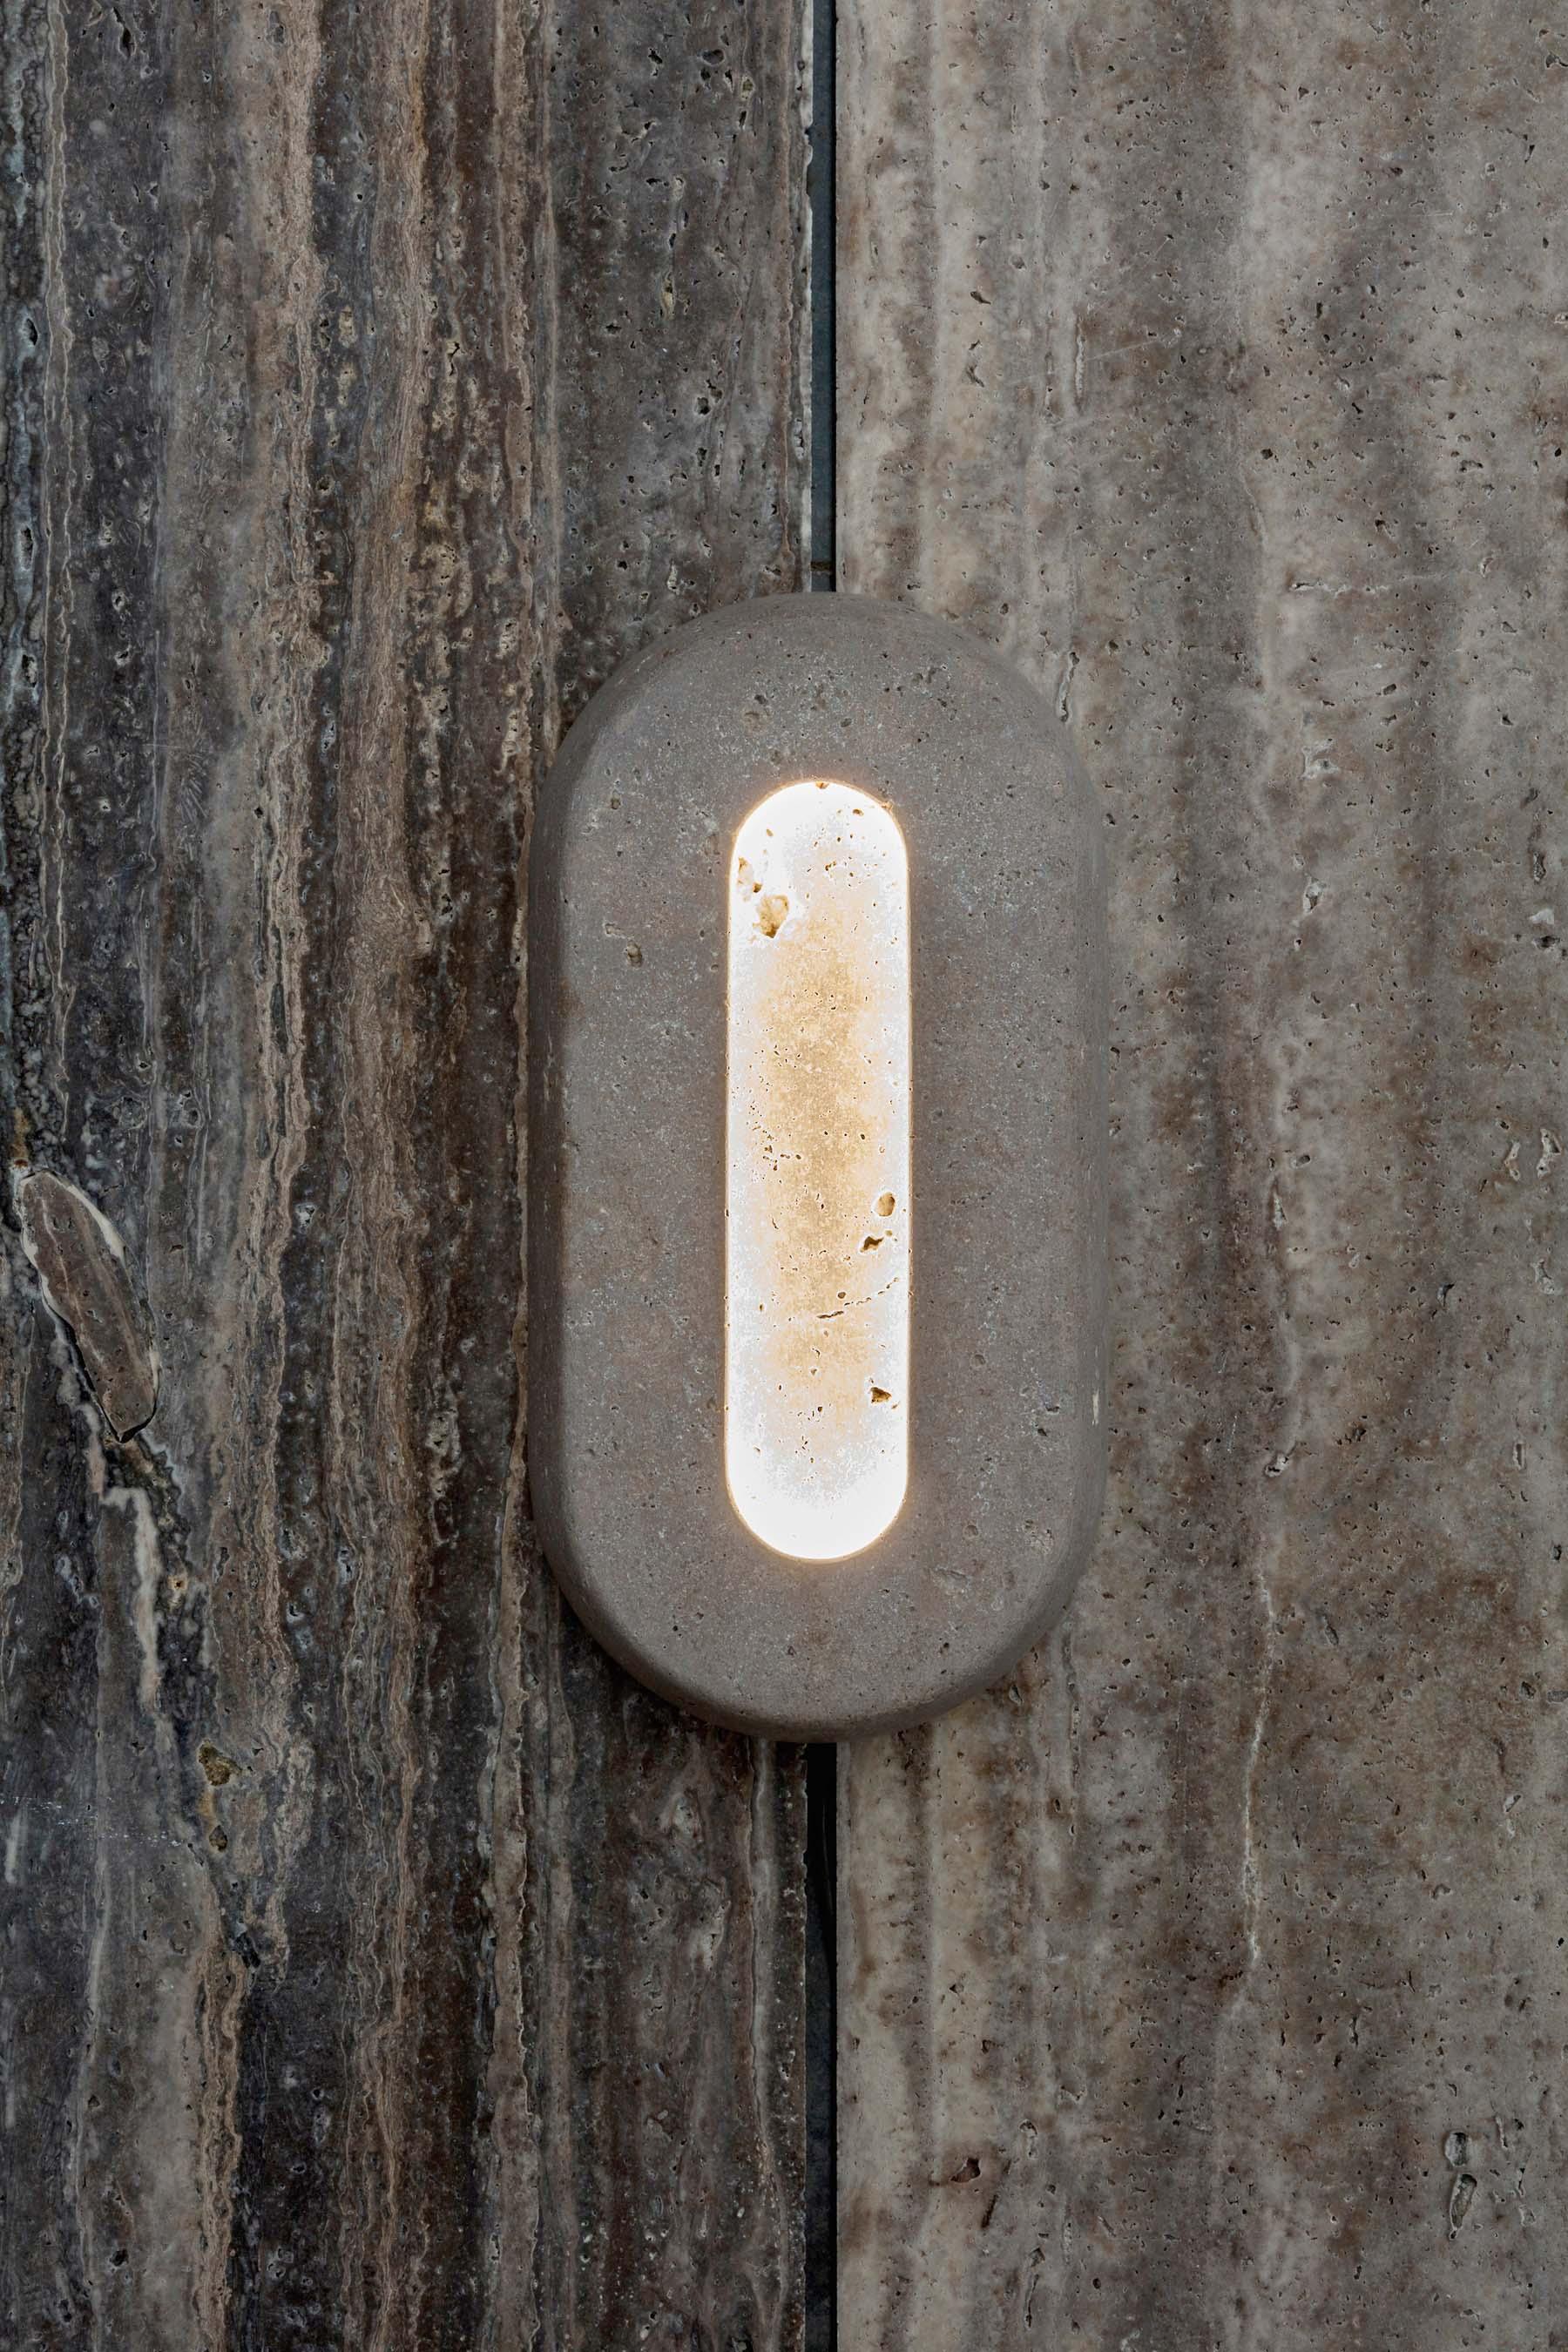 iGNANT-Design-Francesco-Balzano-and-Valeriane-Lazard-Primitif-10